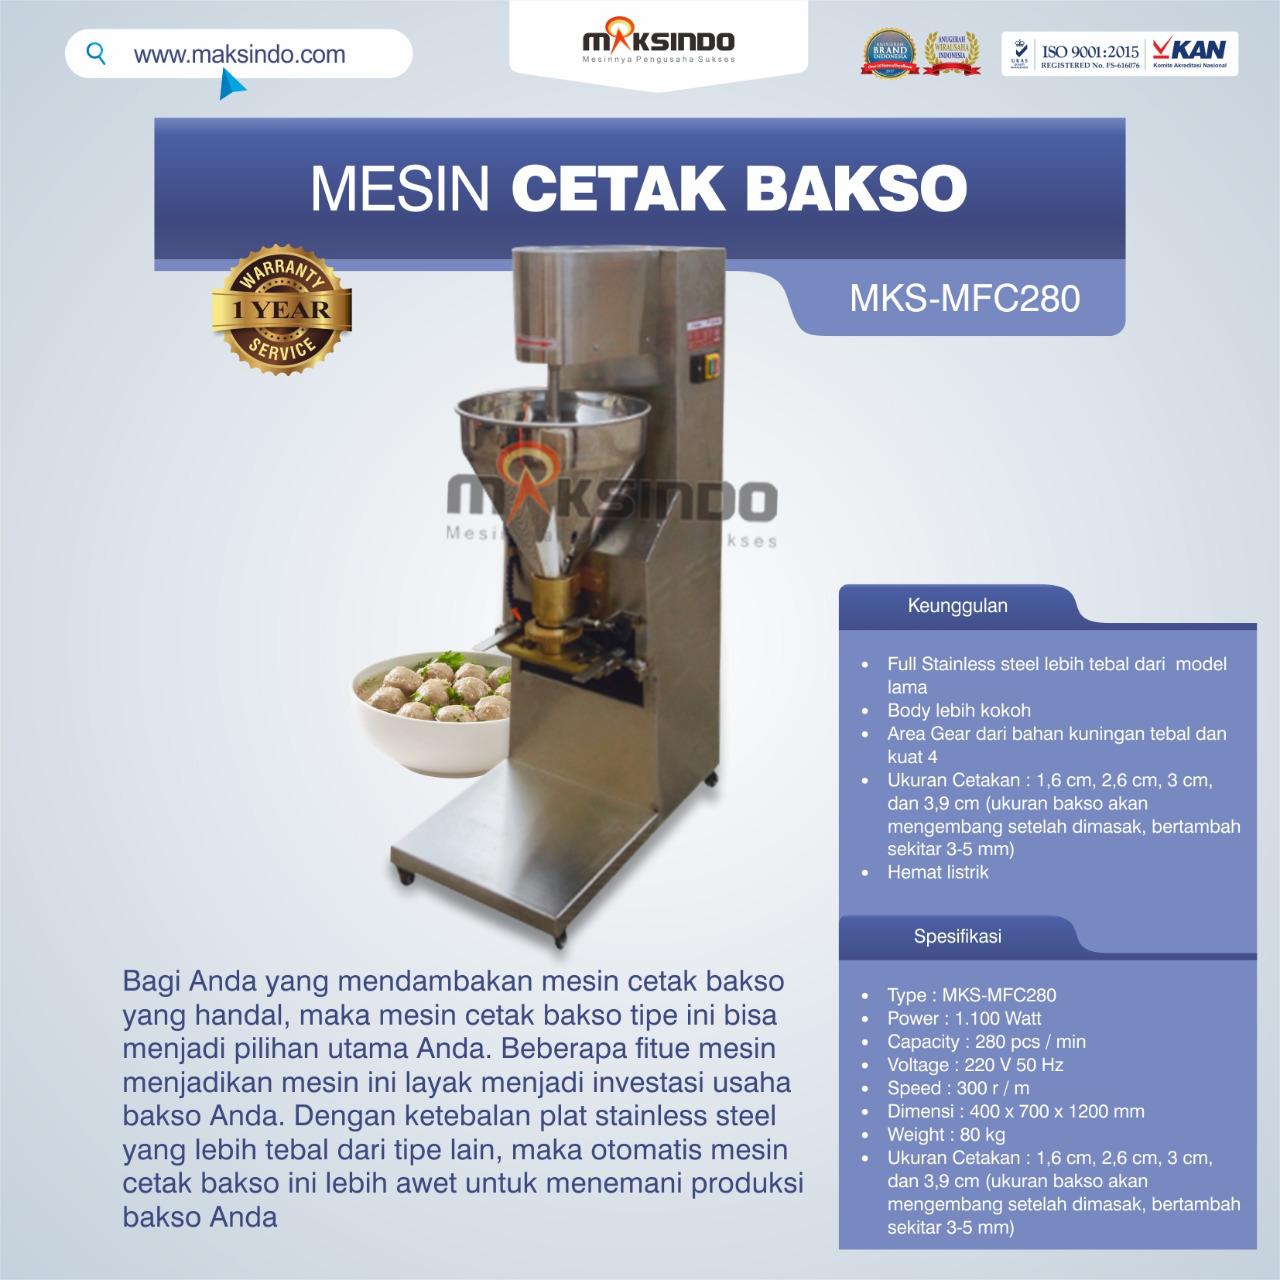 Jual Mesin Cetak Bakso MF-C280B di Medan